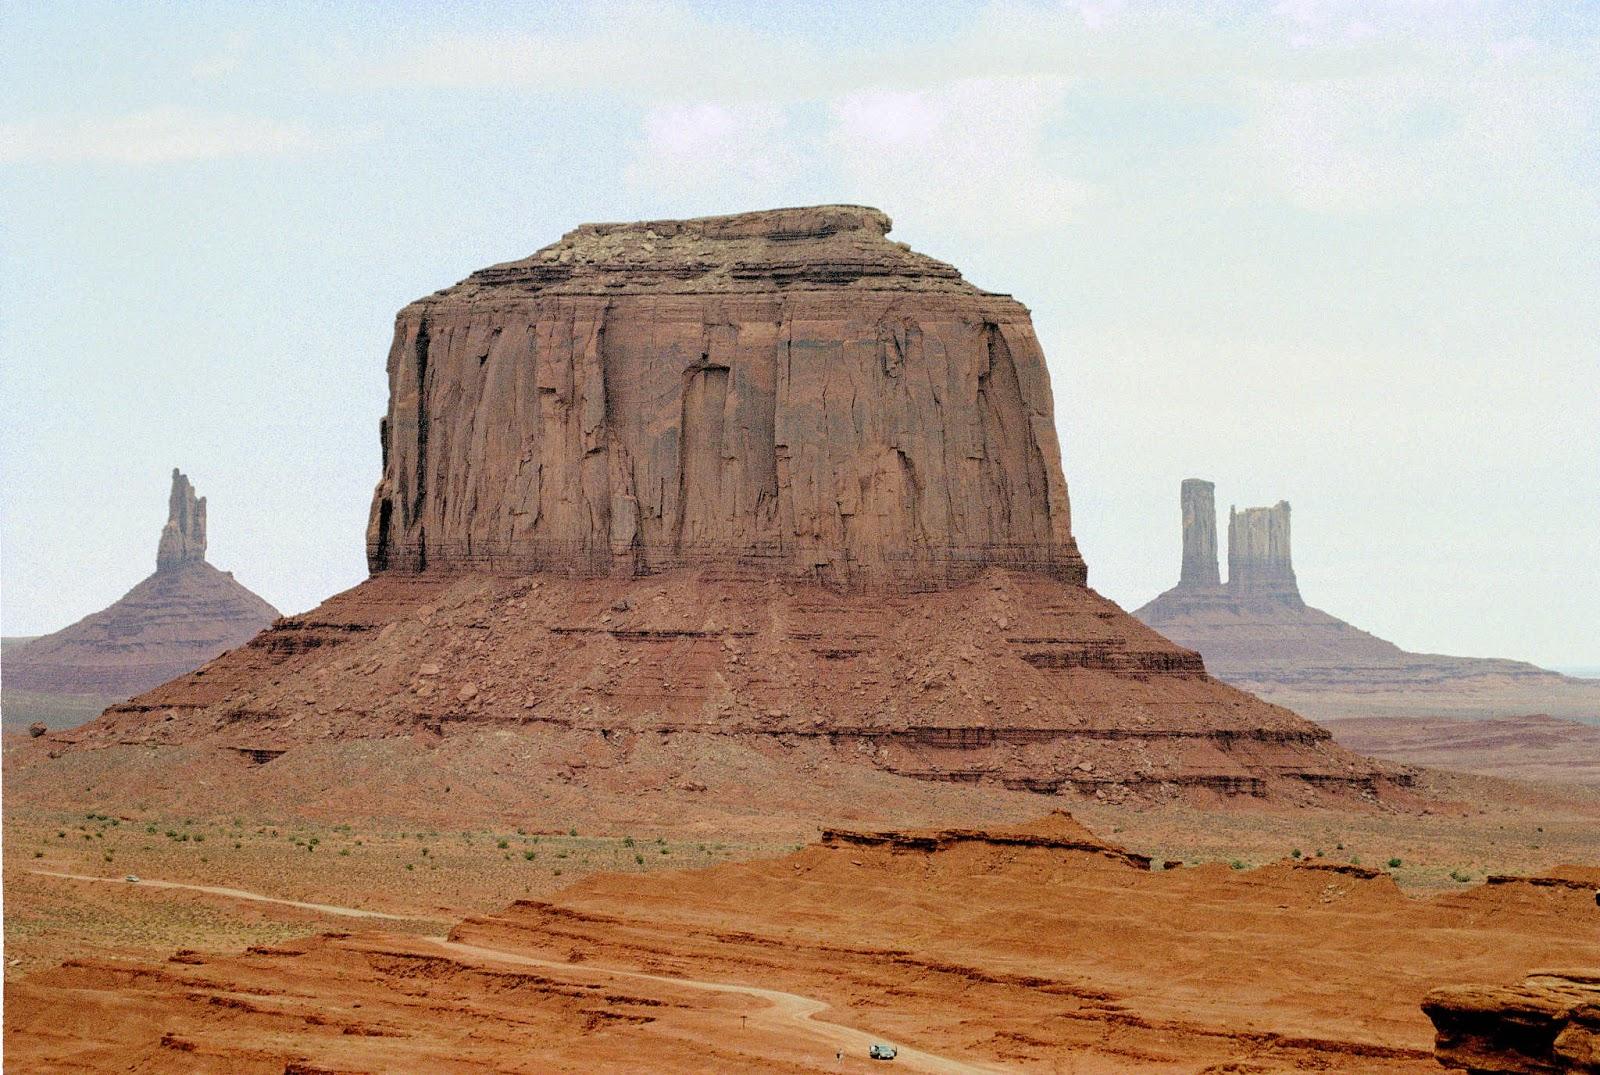 A Big Butte